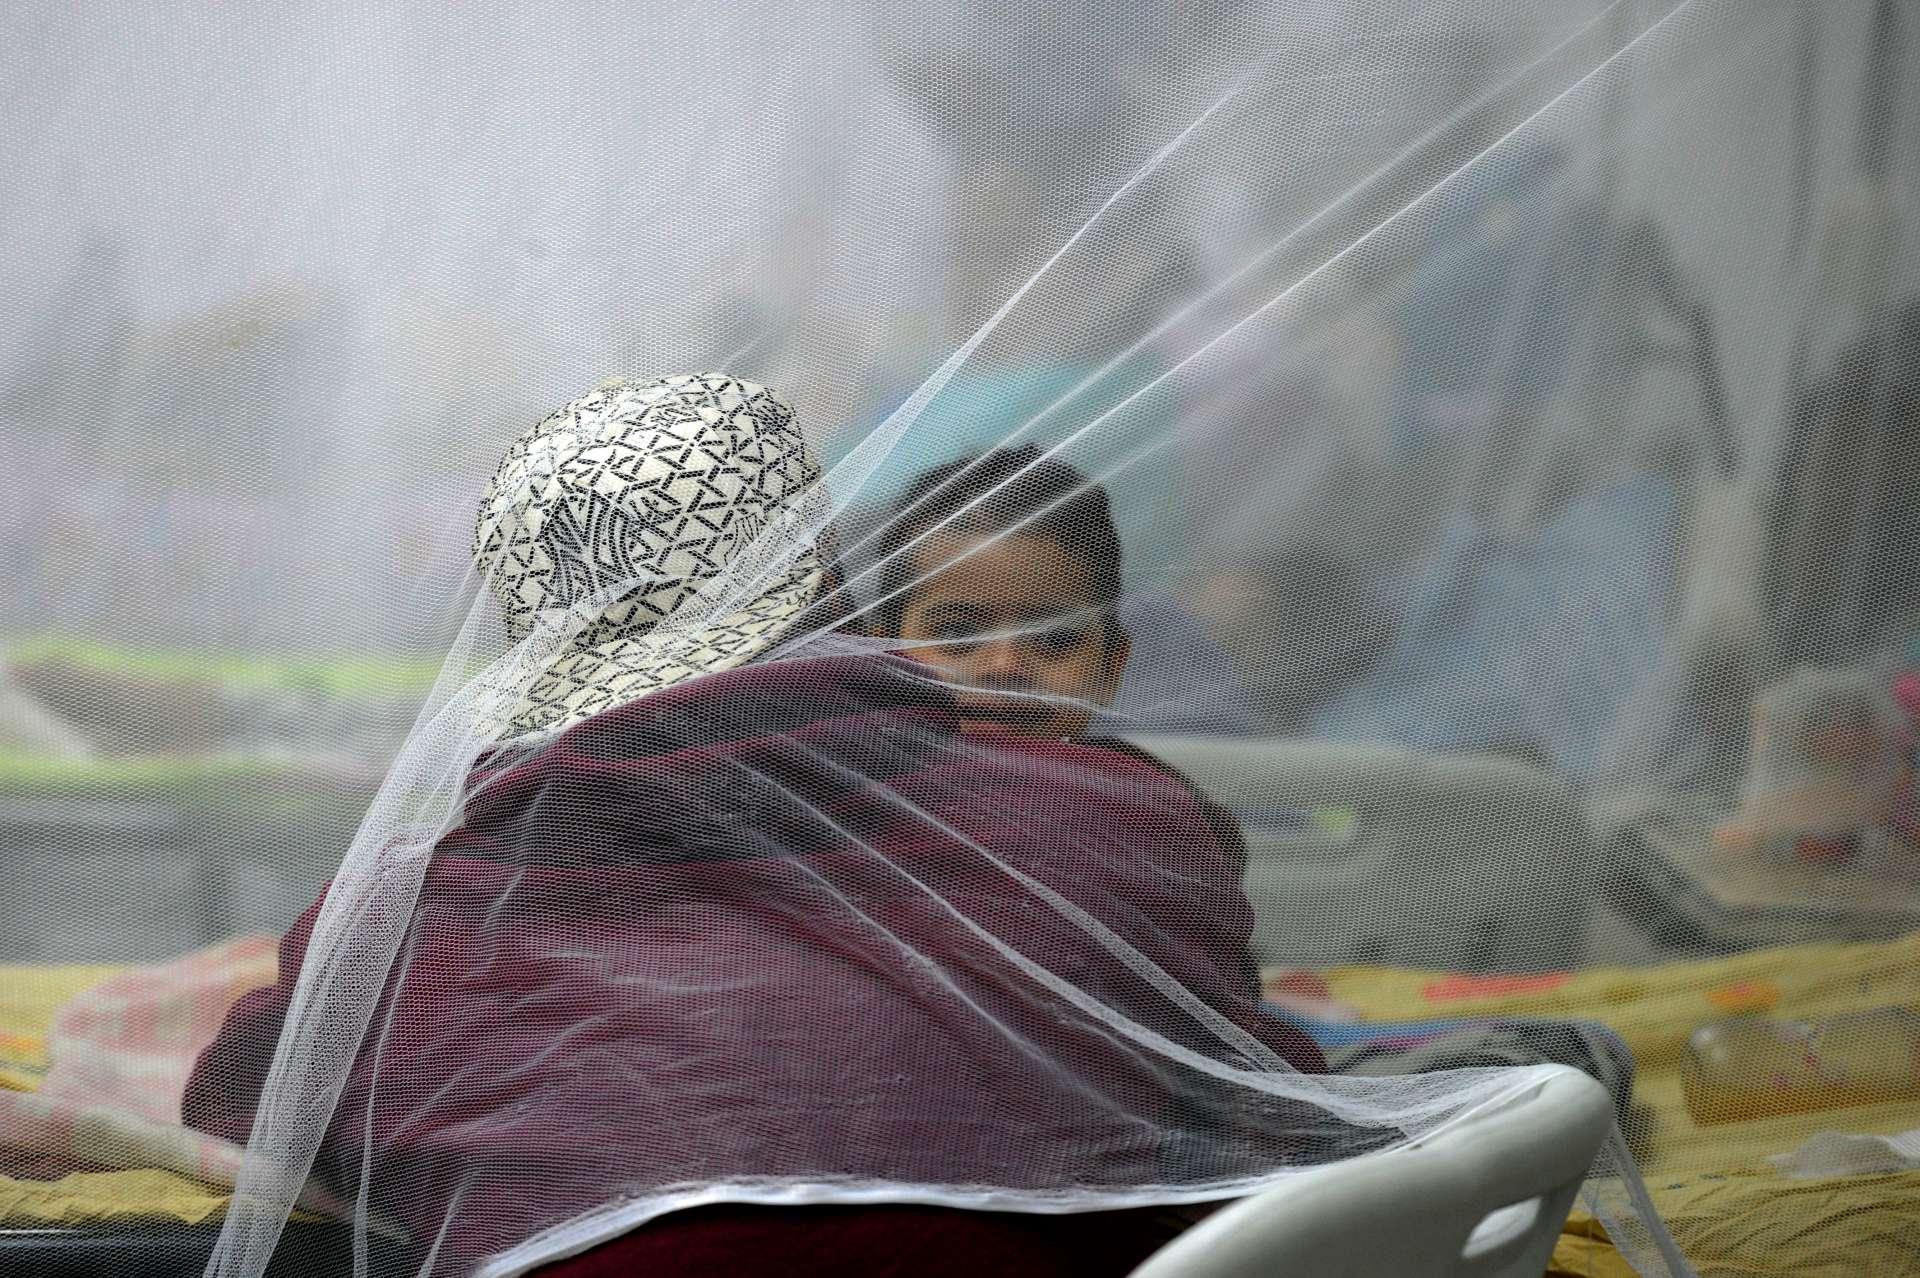 Les autorités boliviennes ont mis en place des mesures sanitaires et appelé en renfort des médecins étrangers pour identifier une maladie inconnue. © AFP Photo/Orlando Sierra